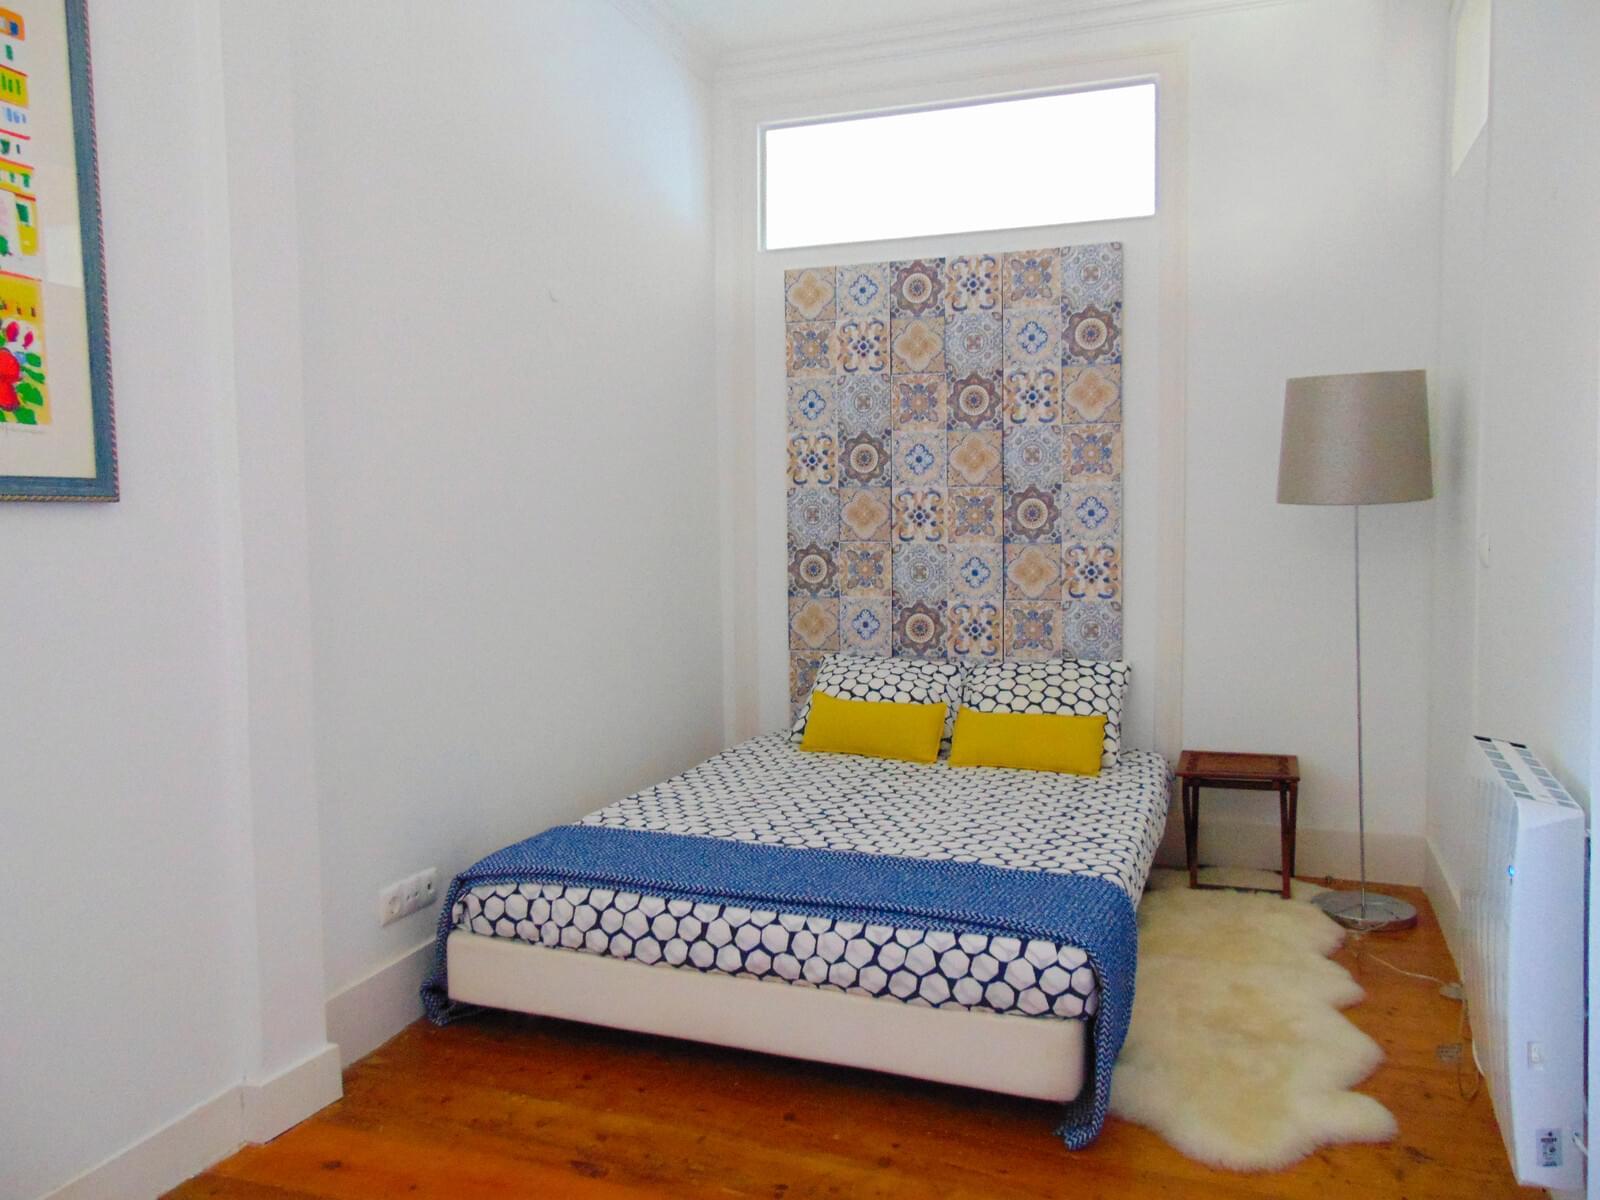 pf18269-apartamento-t1-lisboa-3816d78b-4991-4ae7-a927-a8ed32f91e60